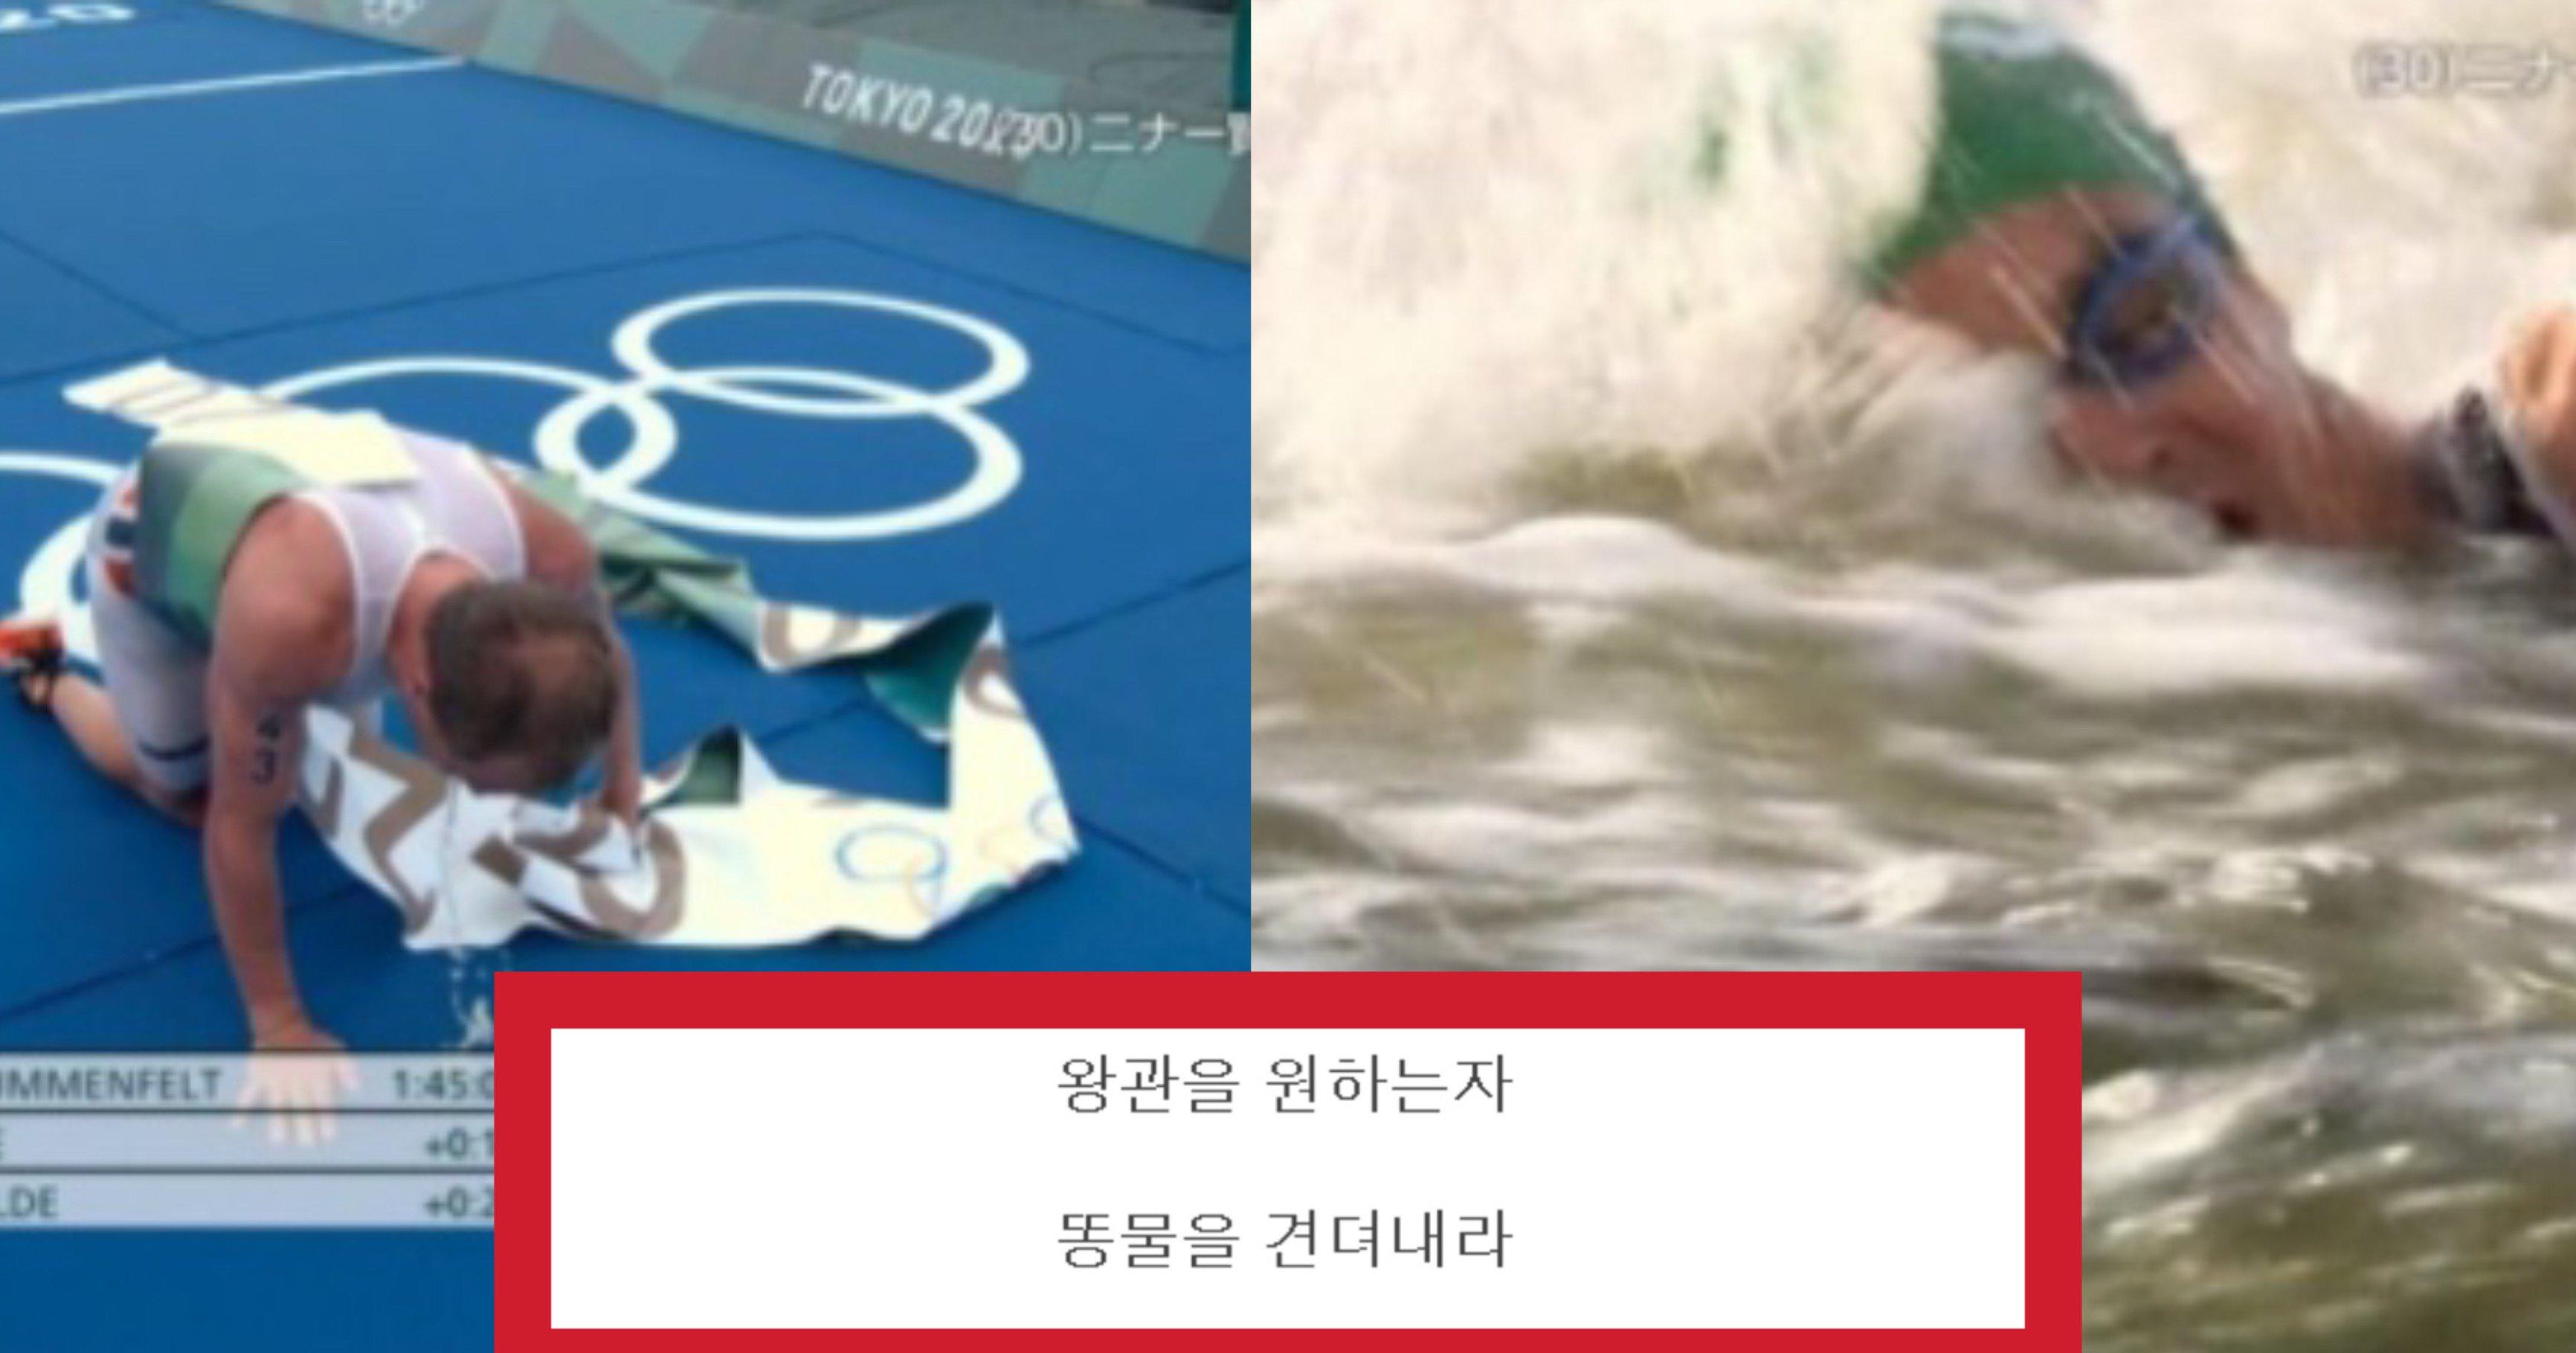 """0c5711df 89ba 45e7 9e51 77acd1543471.jpeg?resize=412,275 - """"선수들 토하고 장난아님"""" 라며 현재 누리꾼들 사이에서 난리 난 현재 도쿄 올림픽 수영 경기 수준(+사진)"""